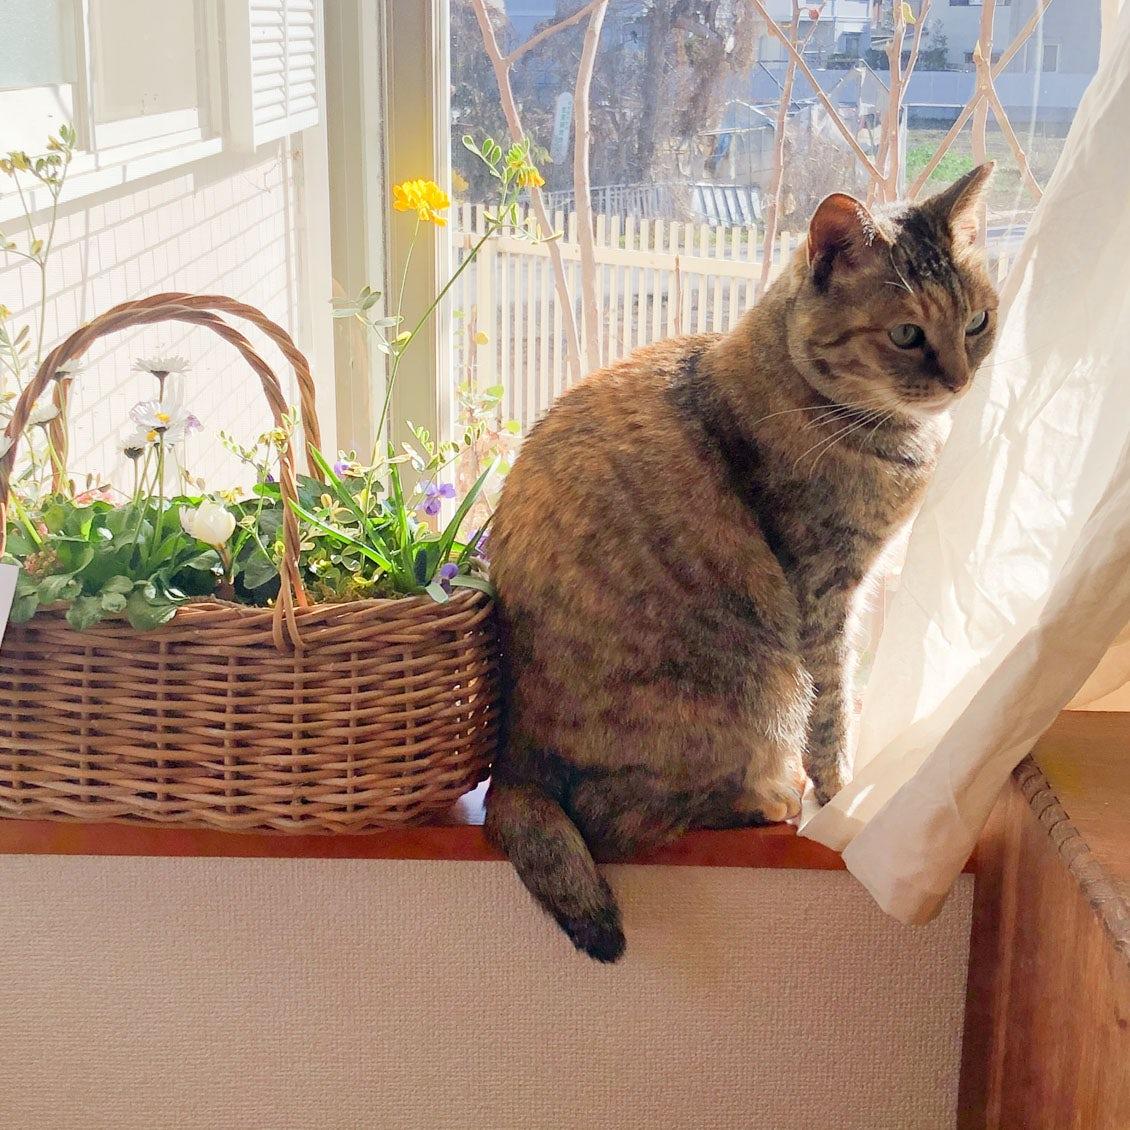 【うちのイヌ、うちのネコ】キャンドル制作のあいまに訪れる、猫との時間